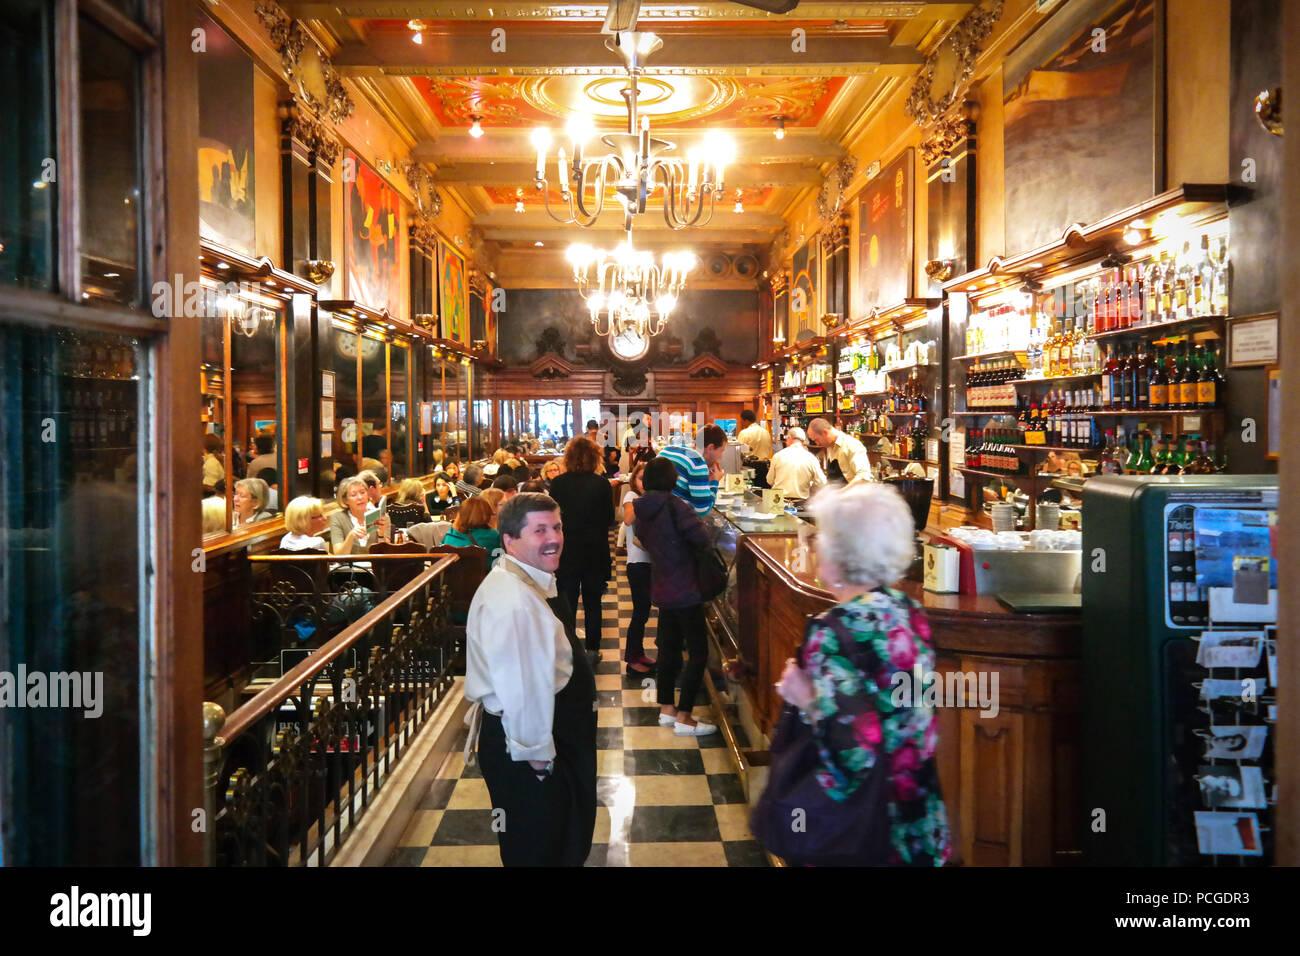 Lisboa. La famosa cafetería y restaurante y una Brasileira Imagen De Stock